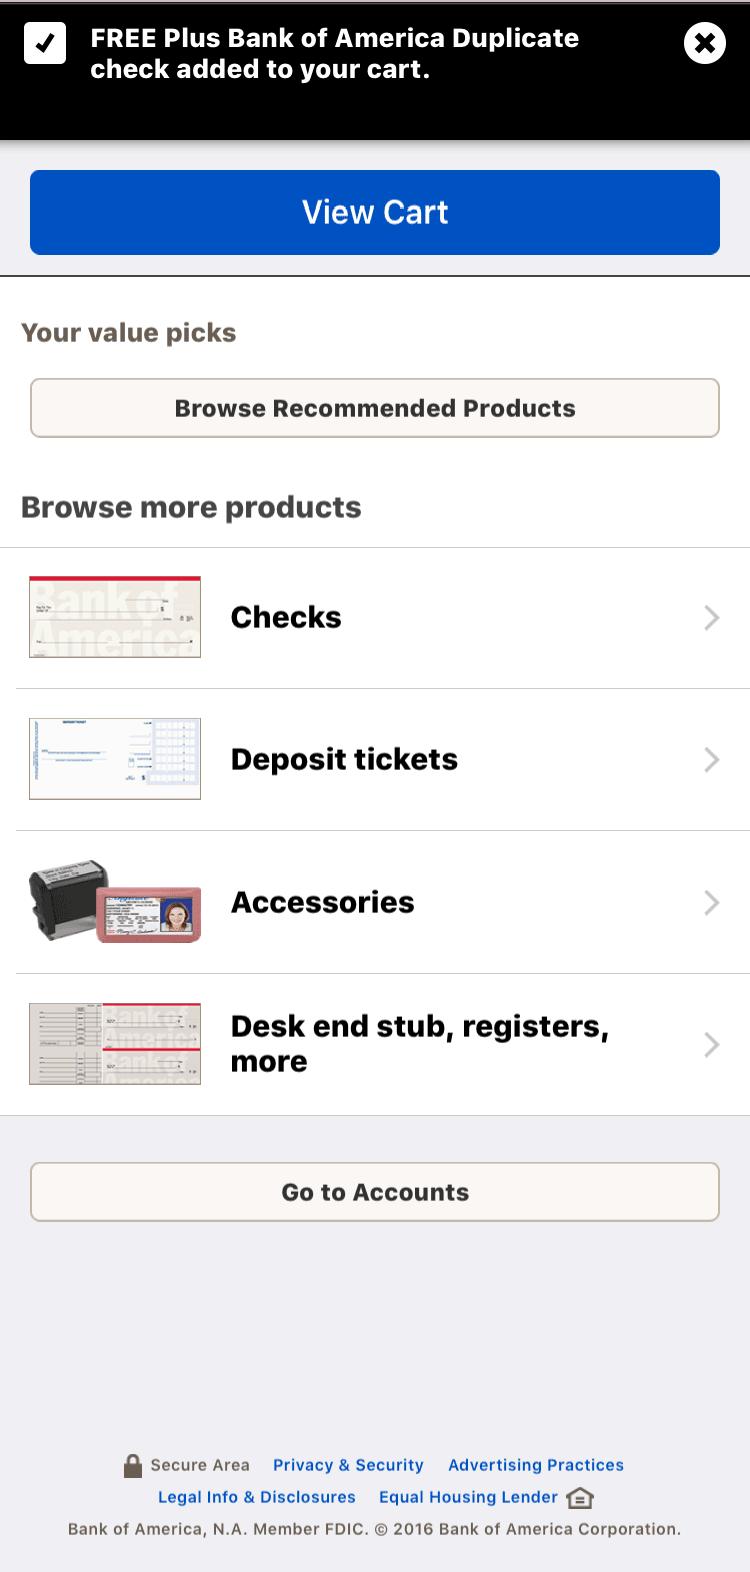 How To Fill Out A Deposit Slip Carousel Checks Pg_prder_checks_item_added